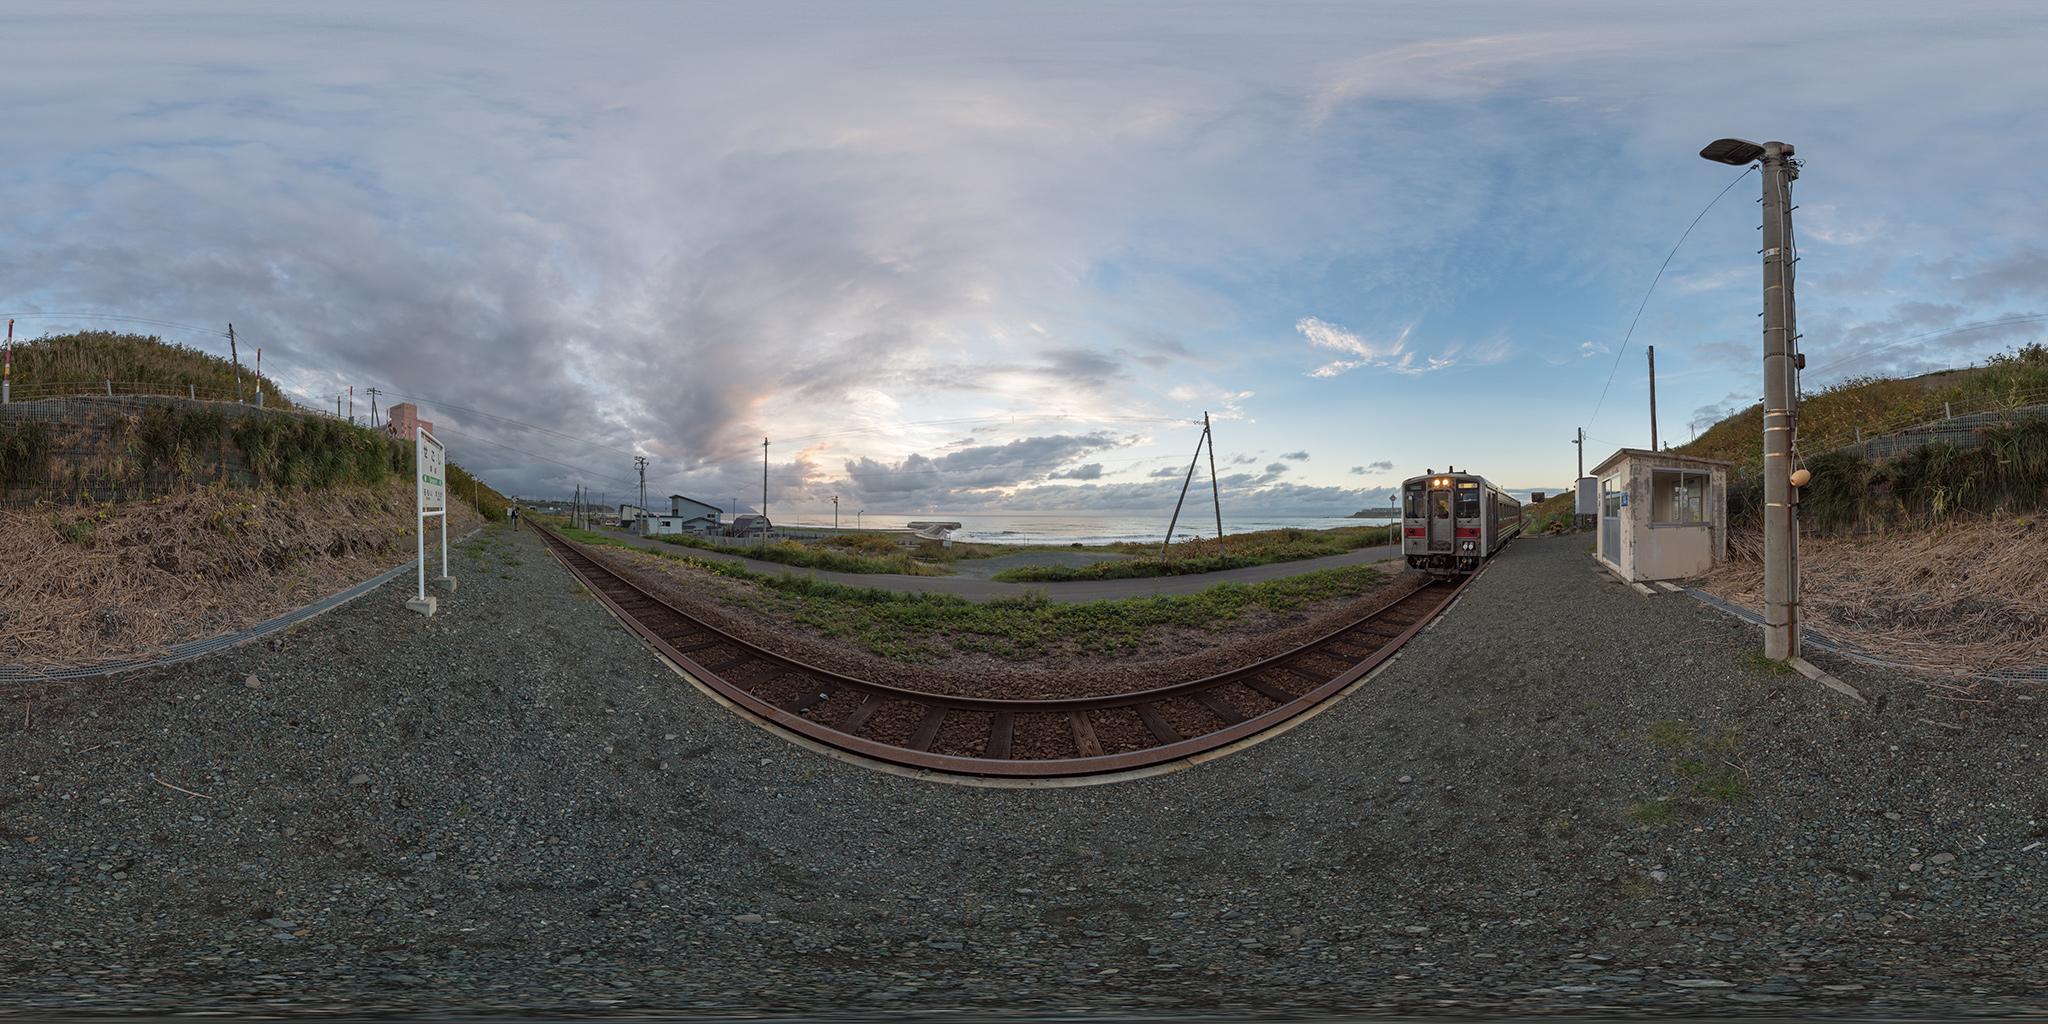 瀬越駅に到着するキハ54-528(4929D)